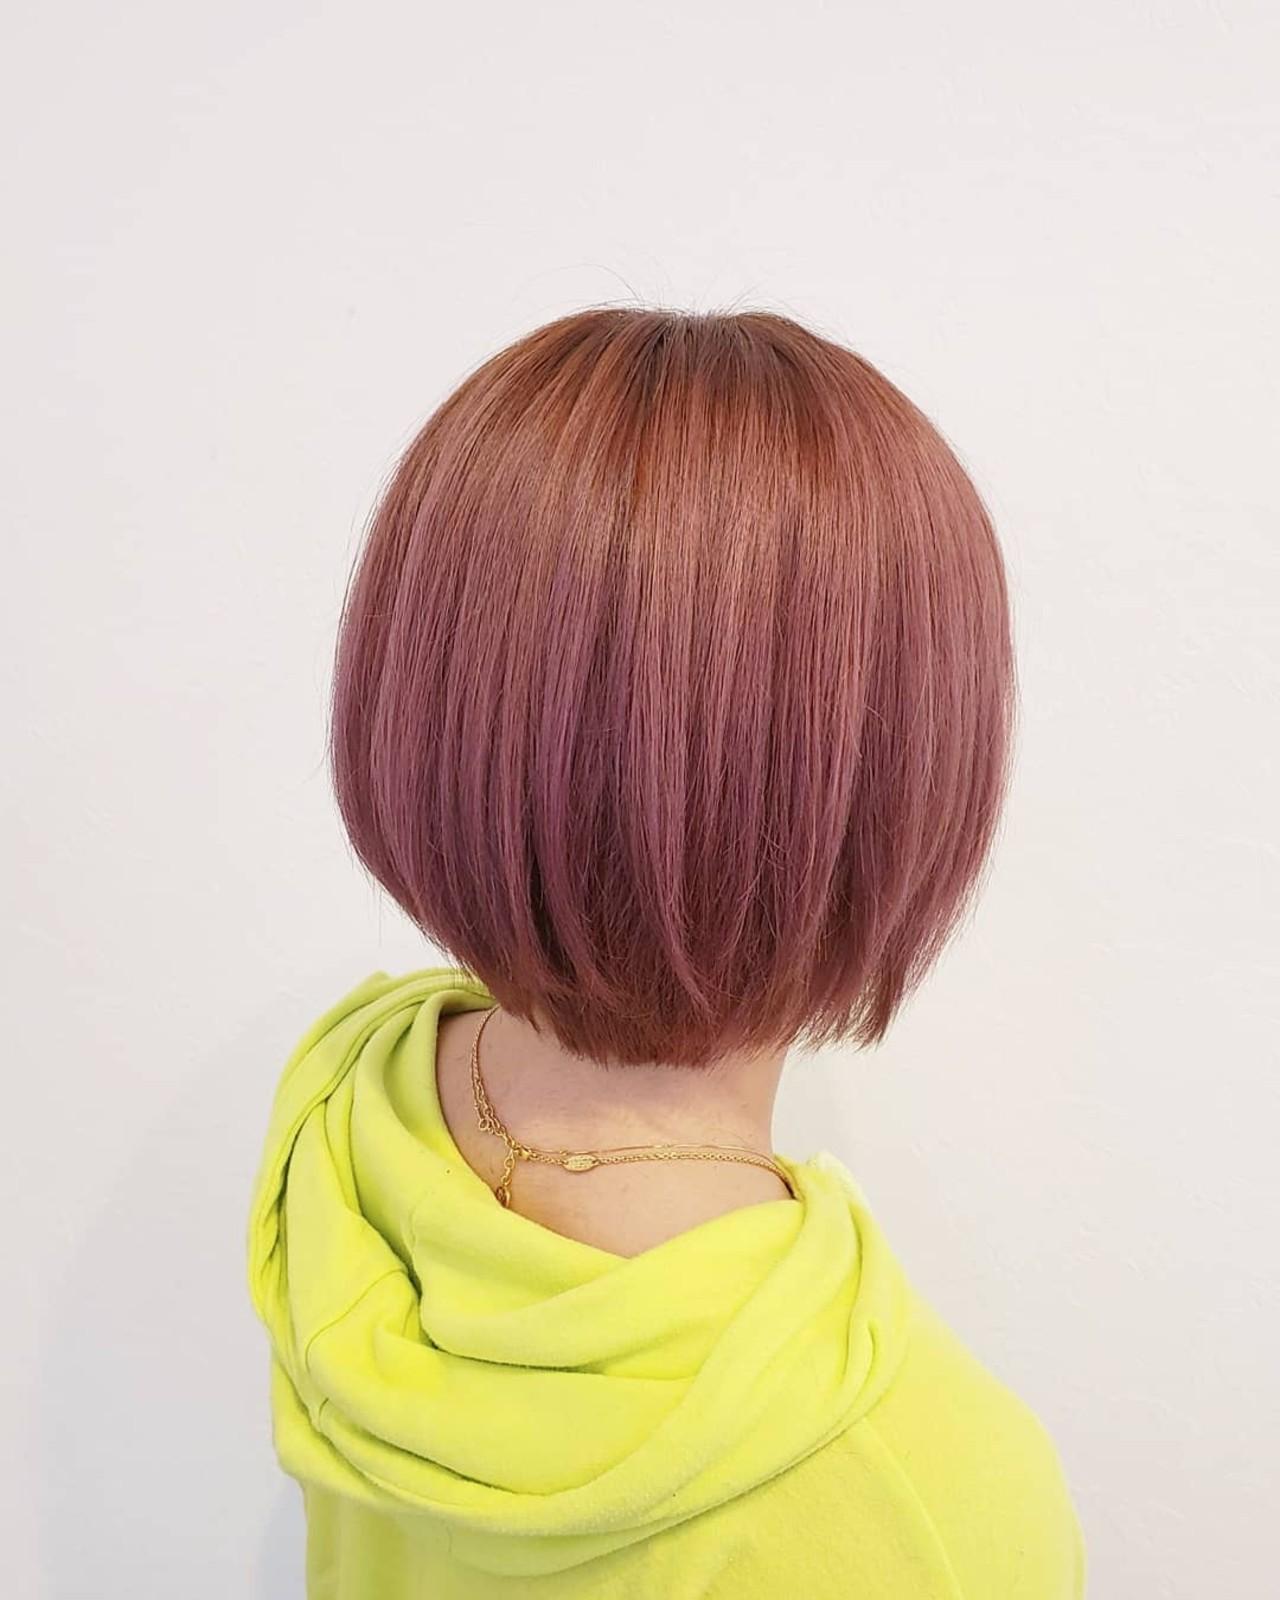 透明感 デート ボブ ガーリーヘアスタイルや髪型の写真・画像